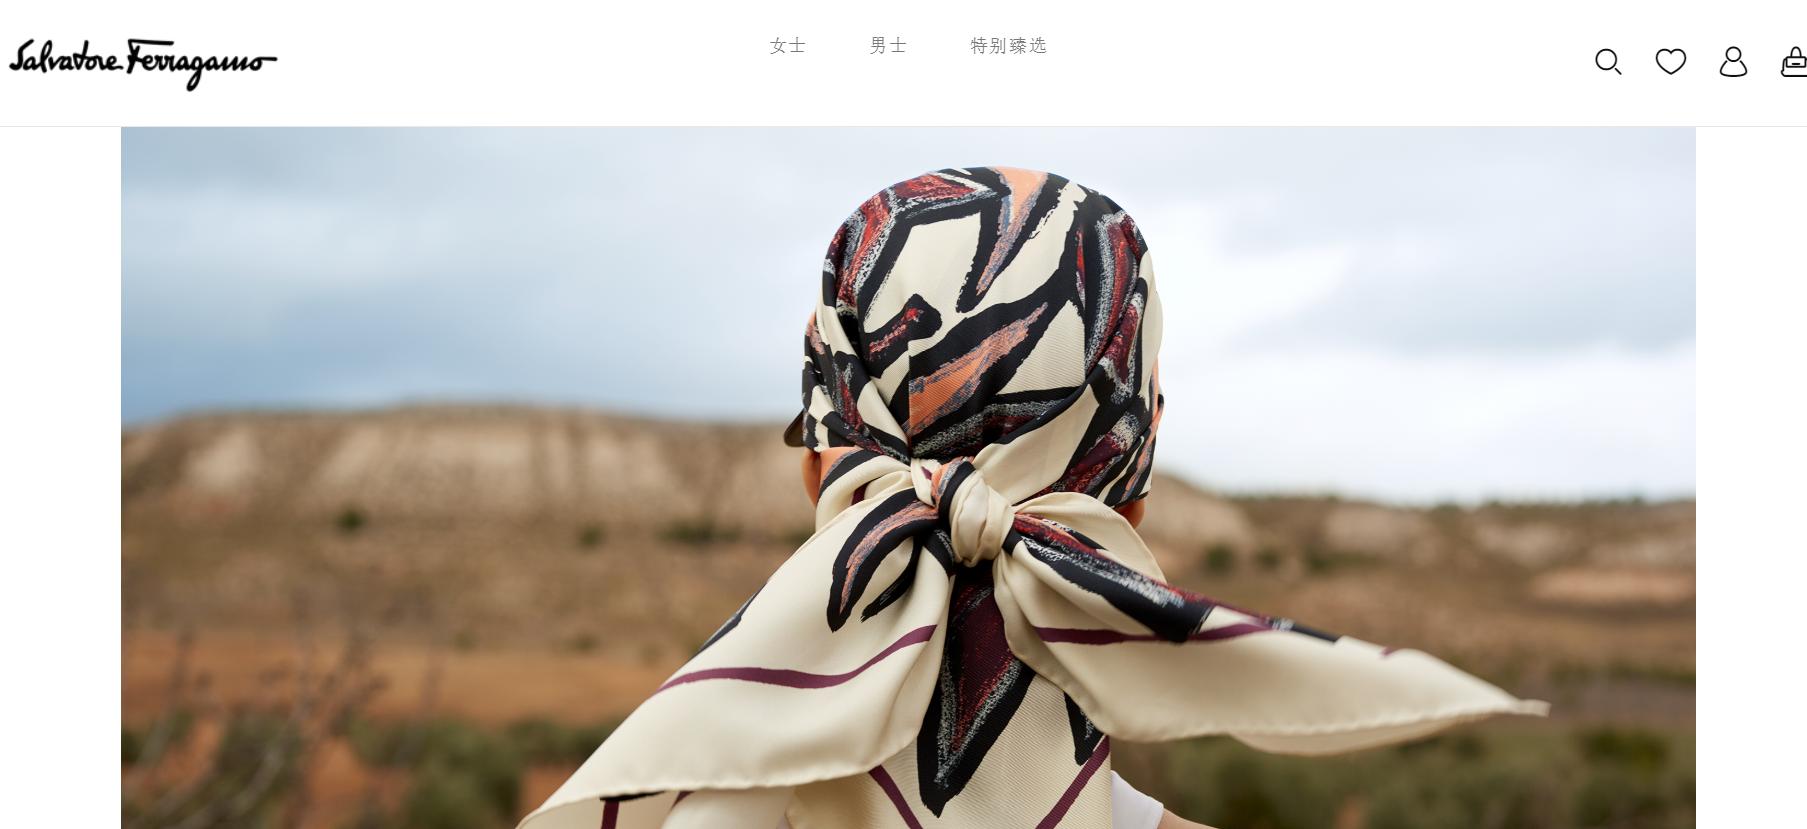 Chanel官方证实:经典手袋和小件皮具将在全球范围内提价5-17%